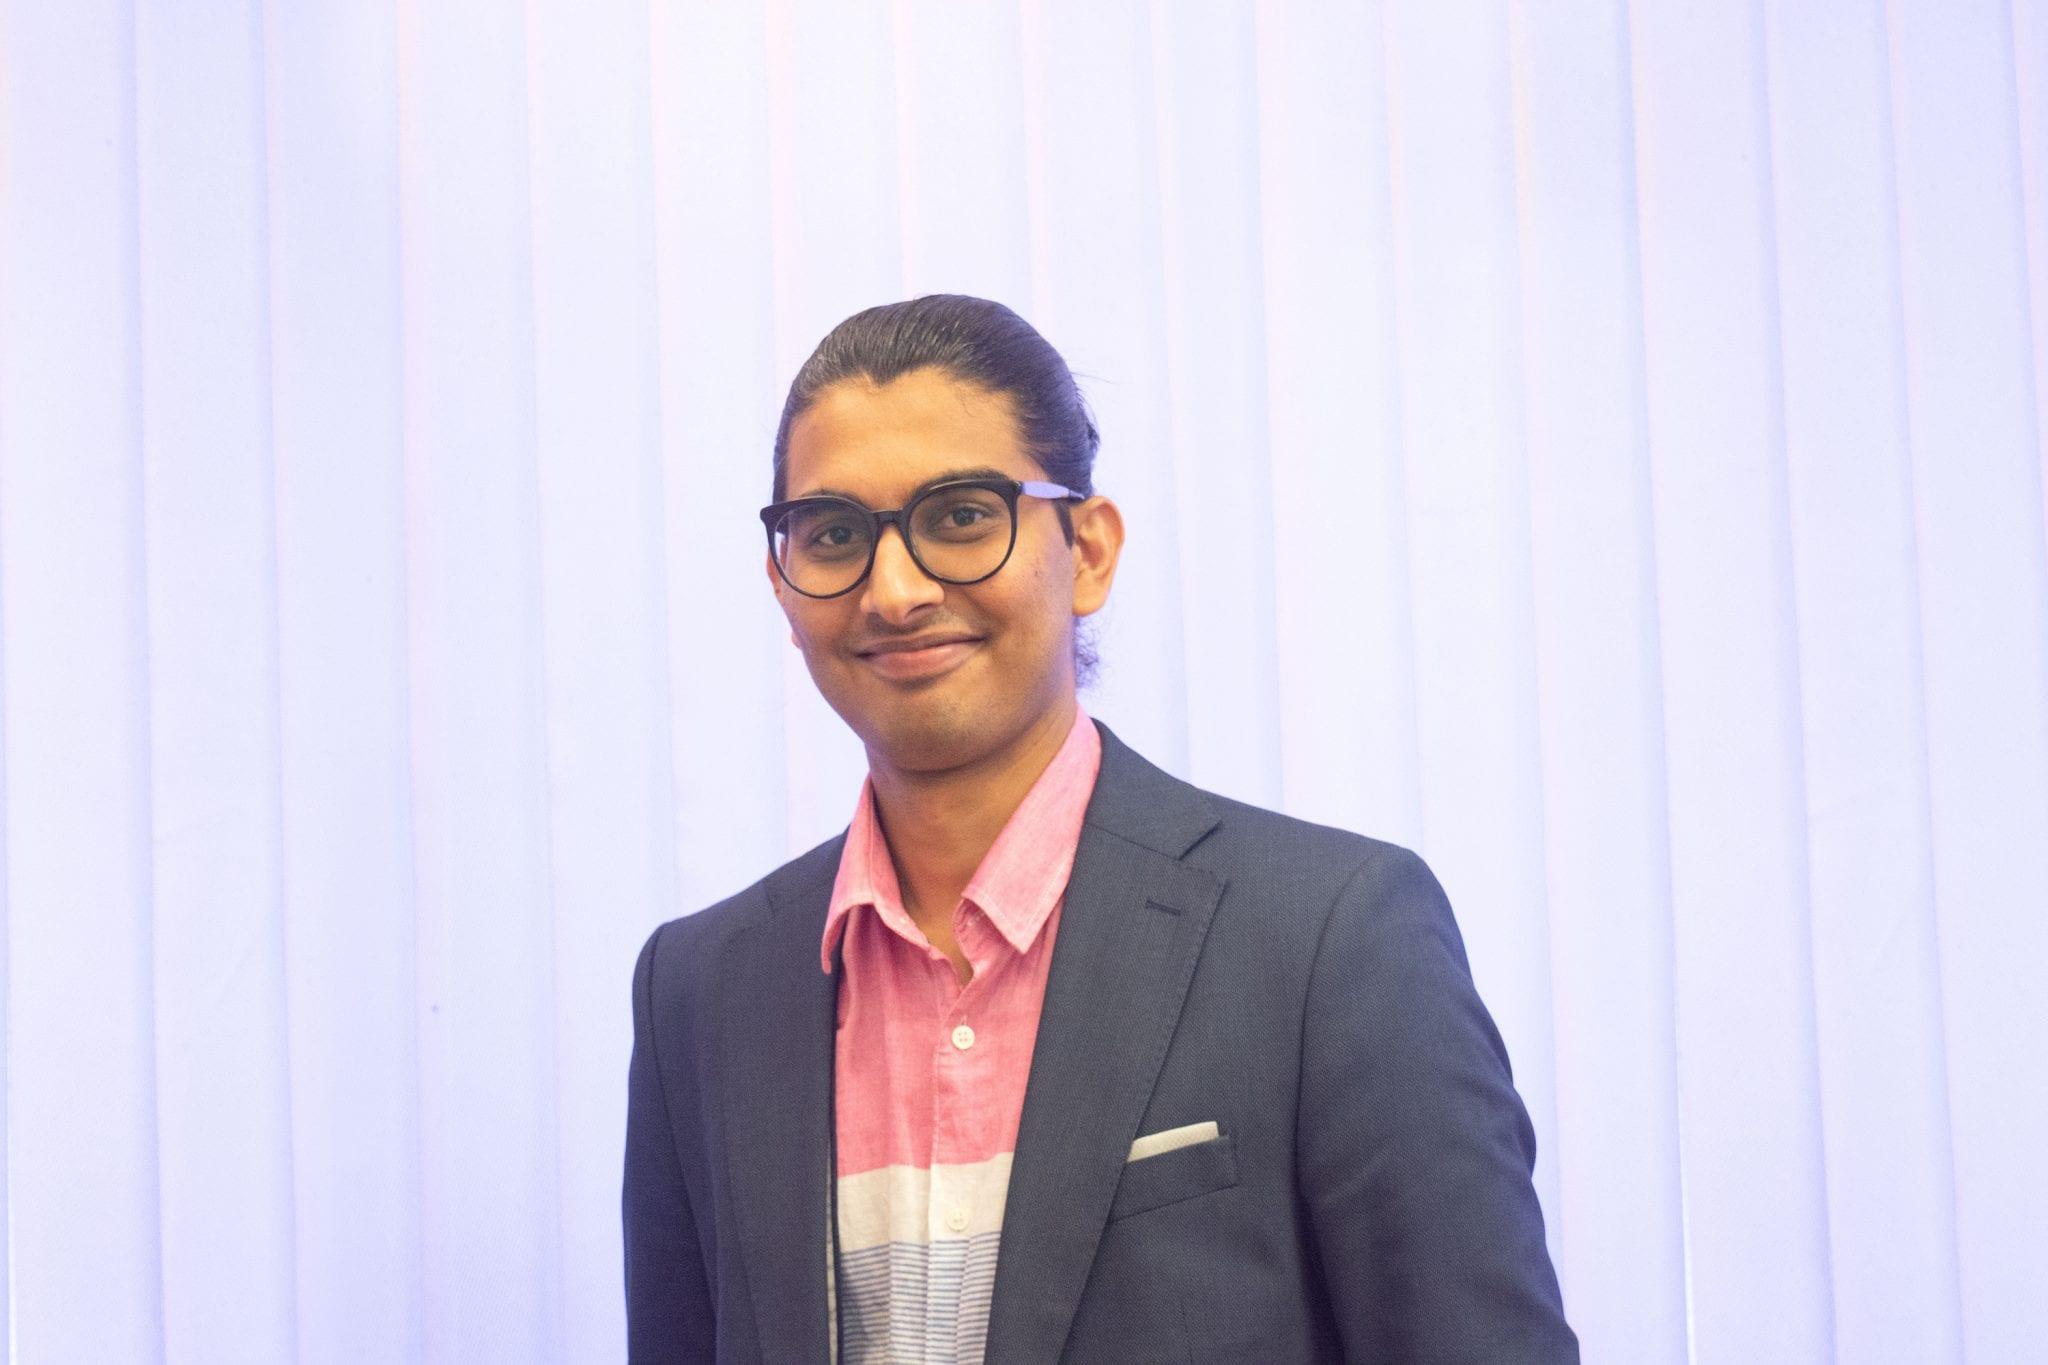 Rahul Kulhari-Head of Data Science, EdGE Networks